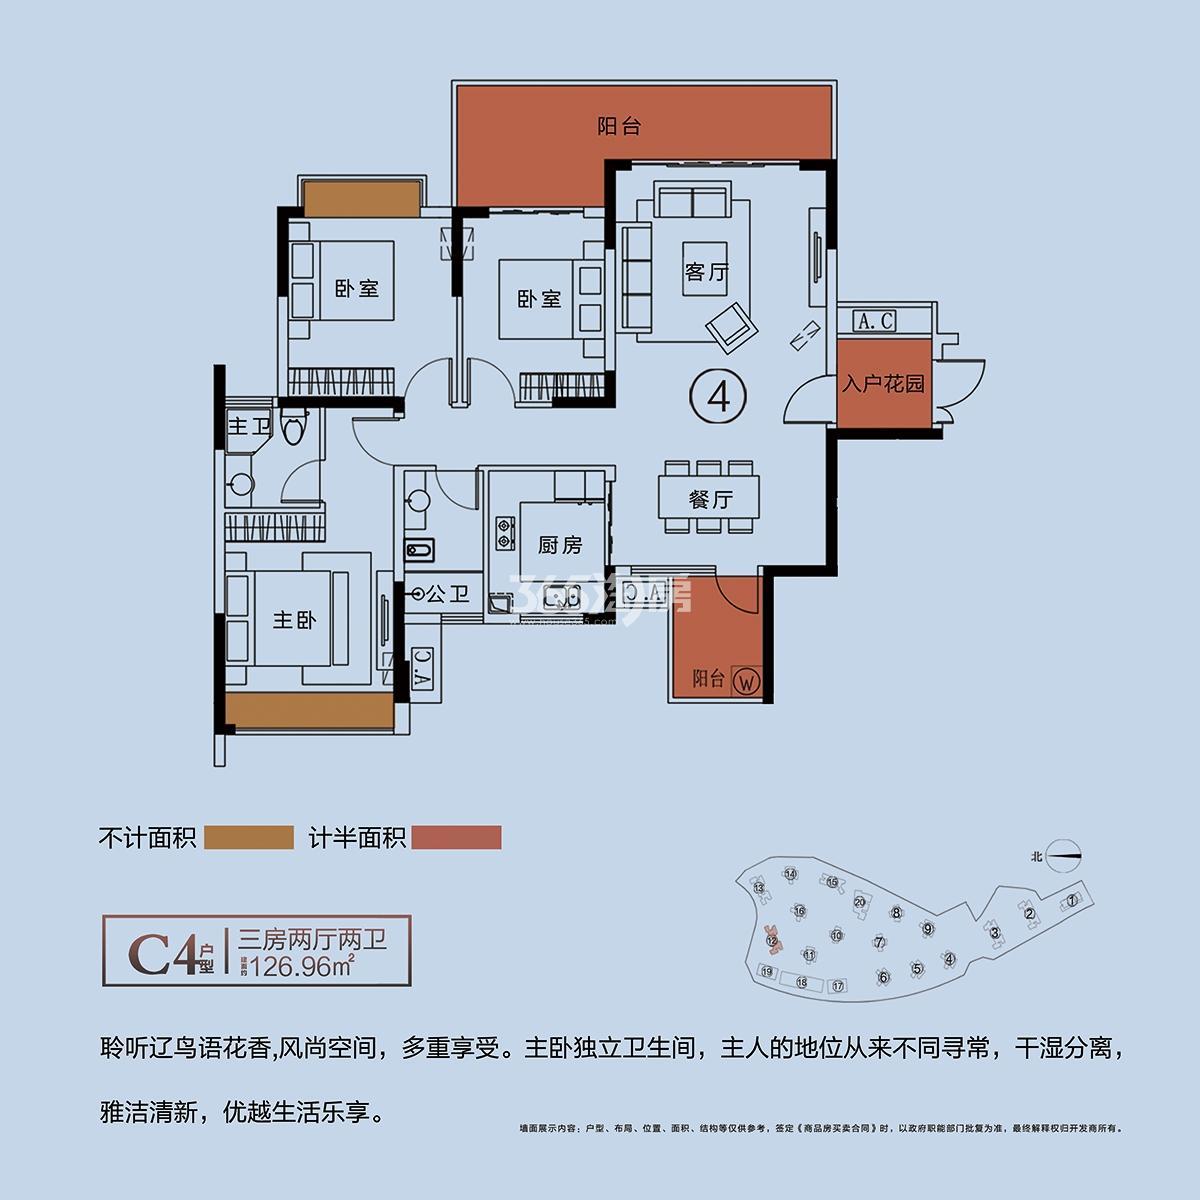 遵义·理想城户型图